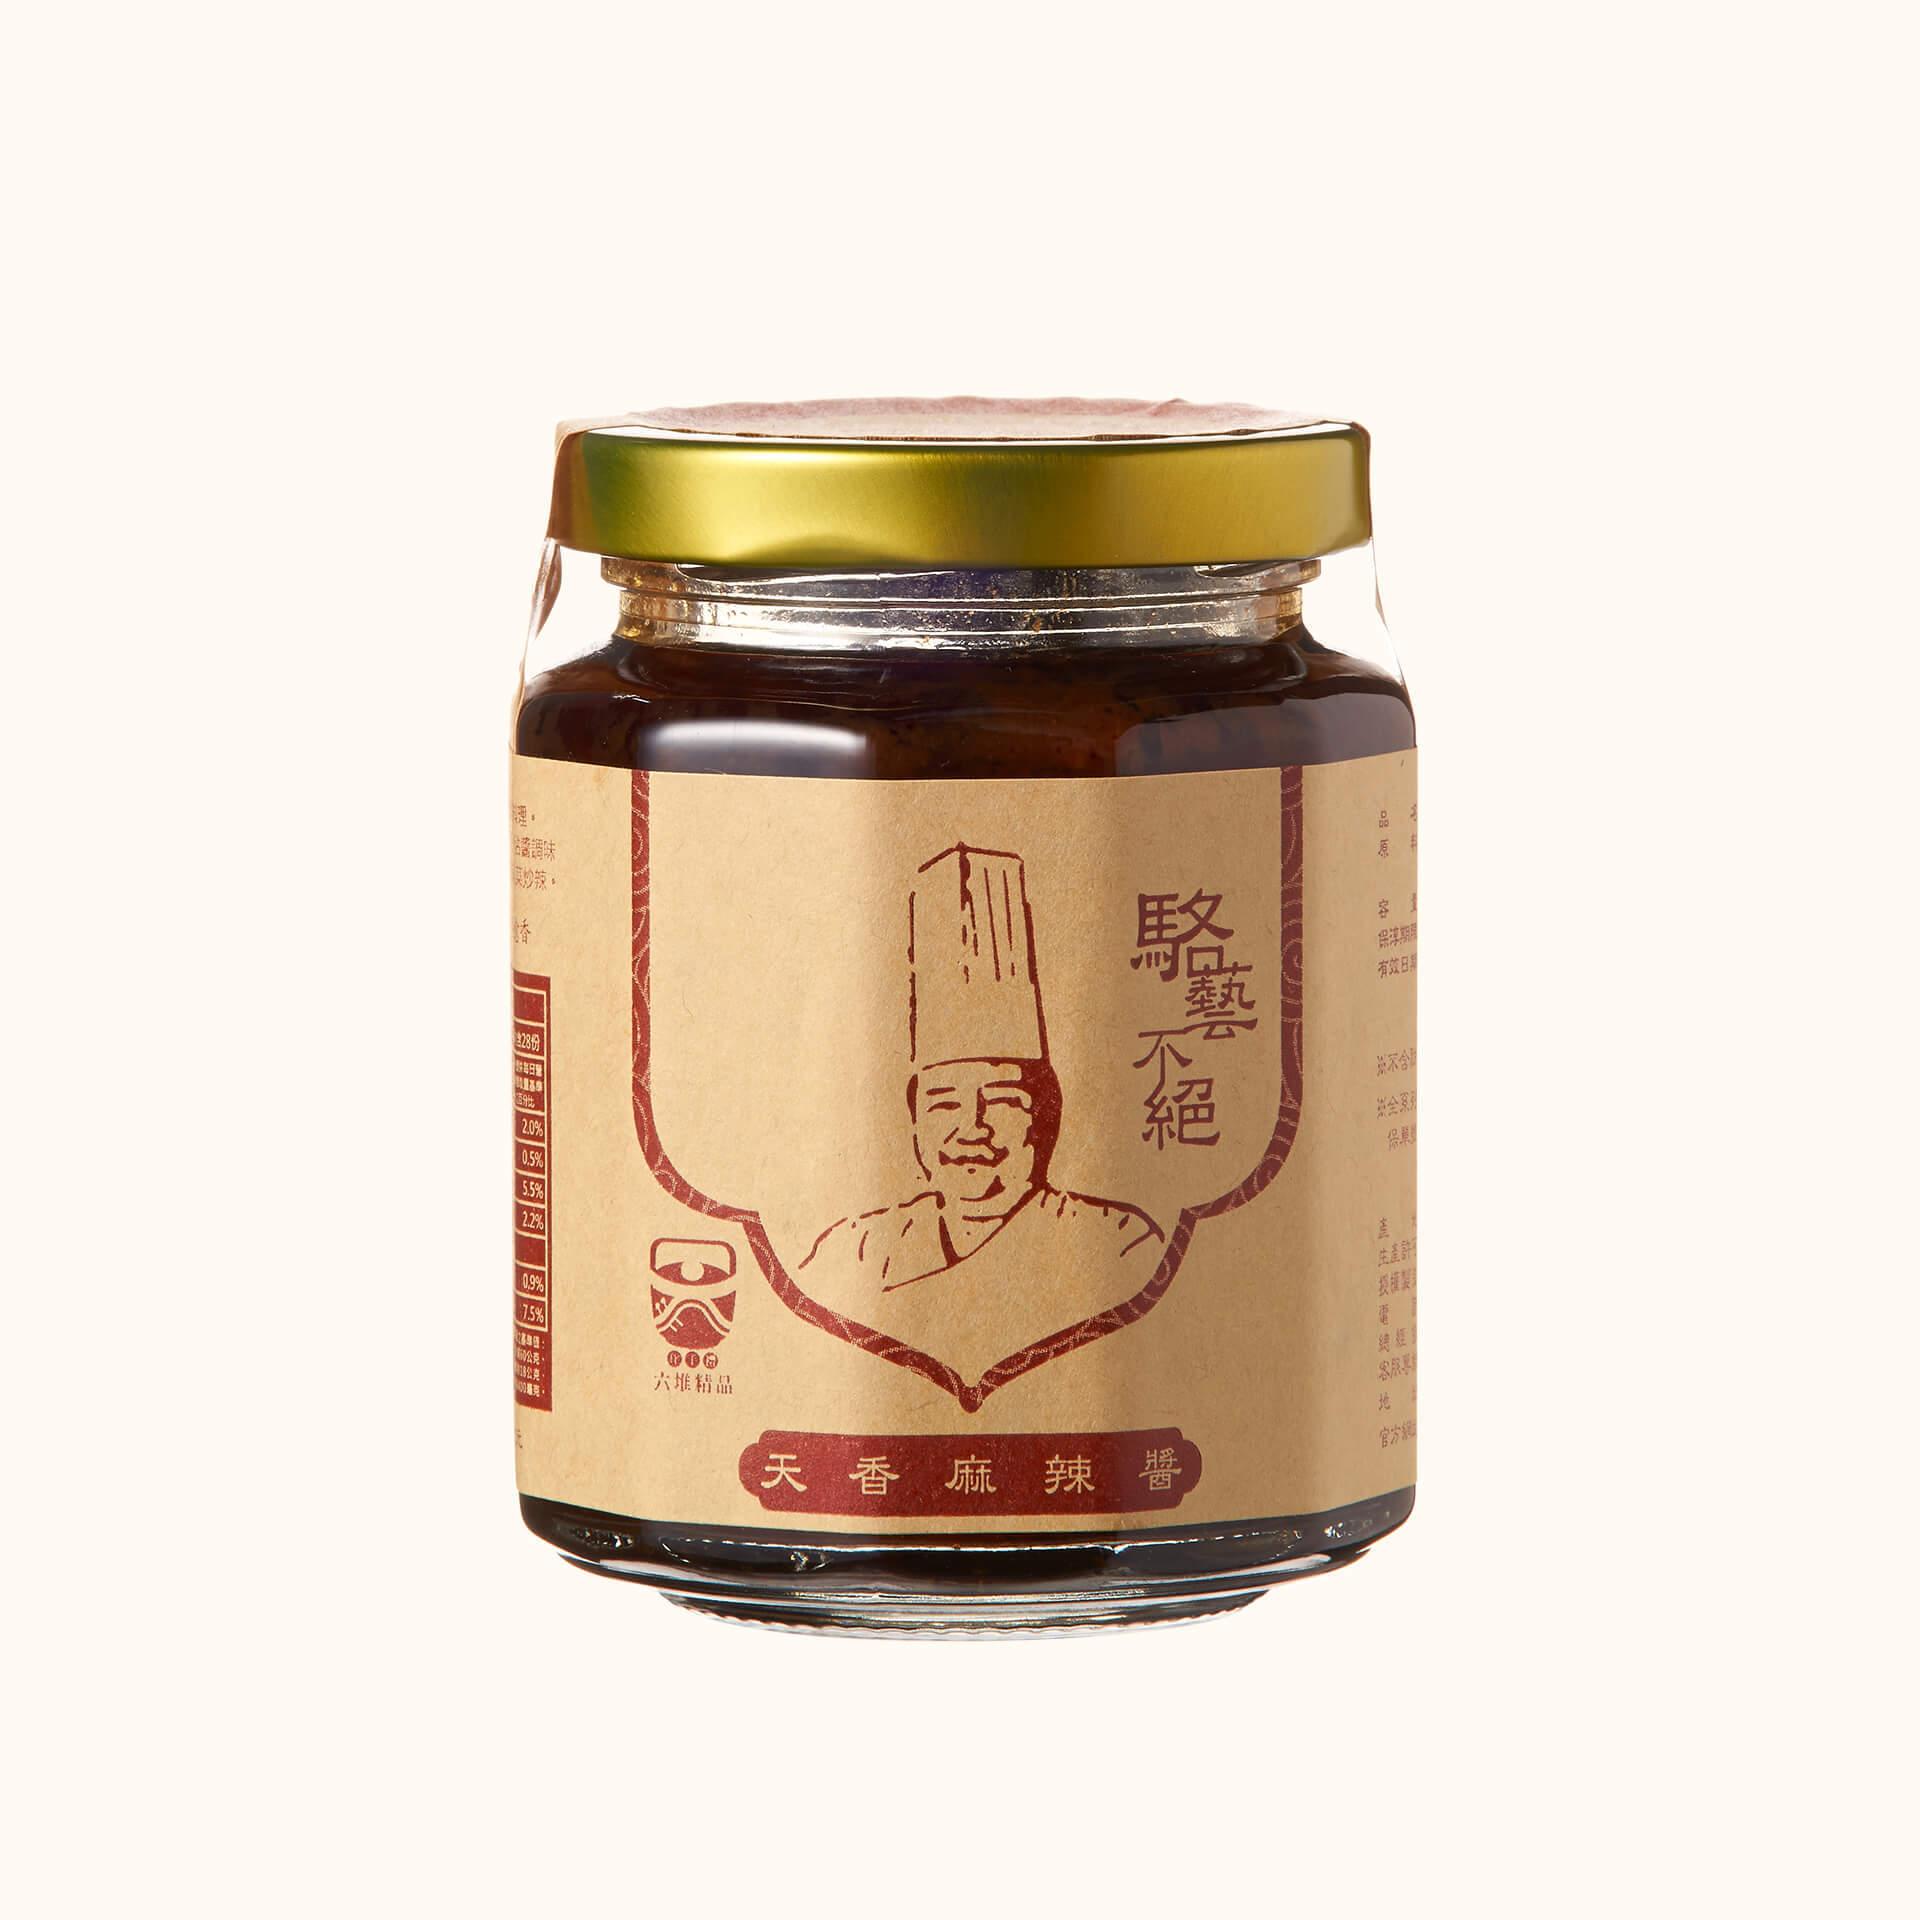 【短效品】駱藝不絕天香麻辣醬260g(有效期20211224)